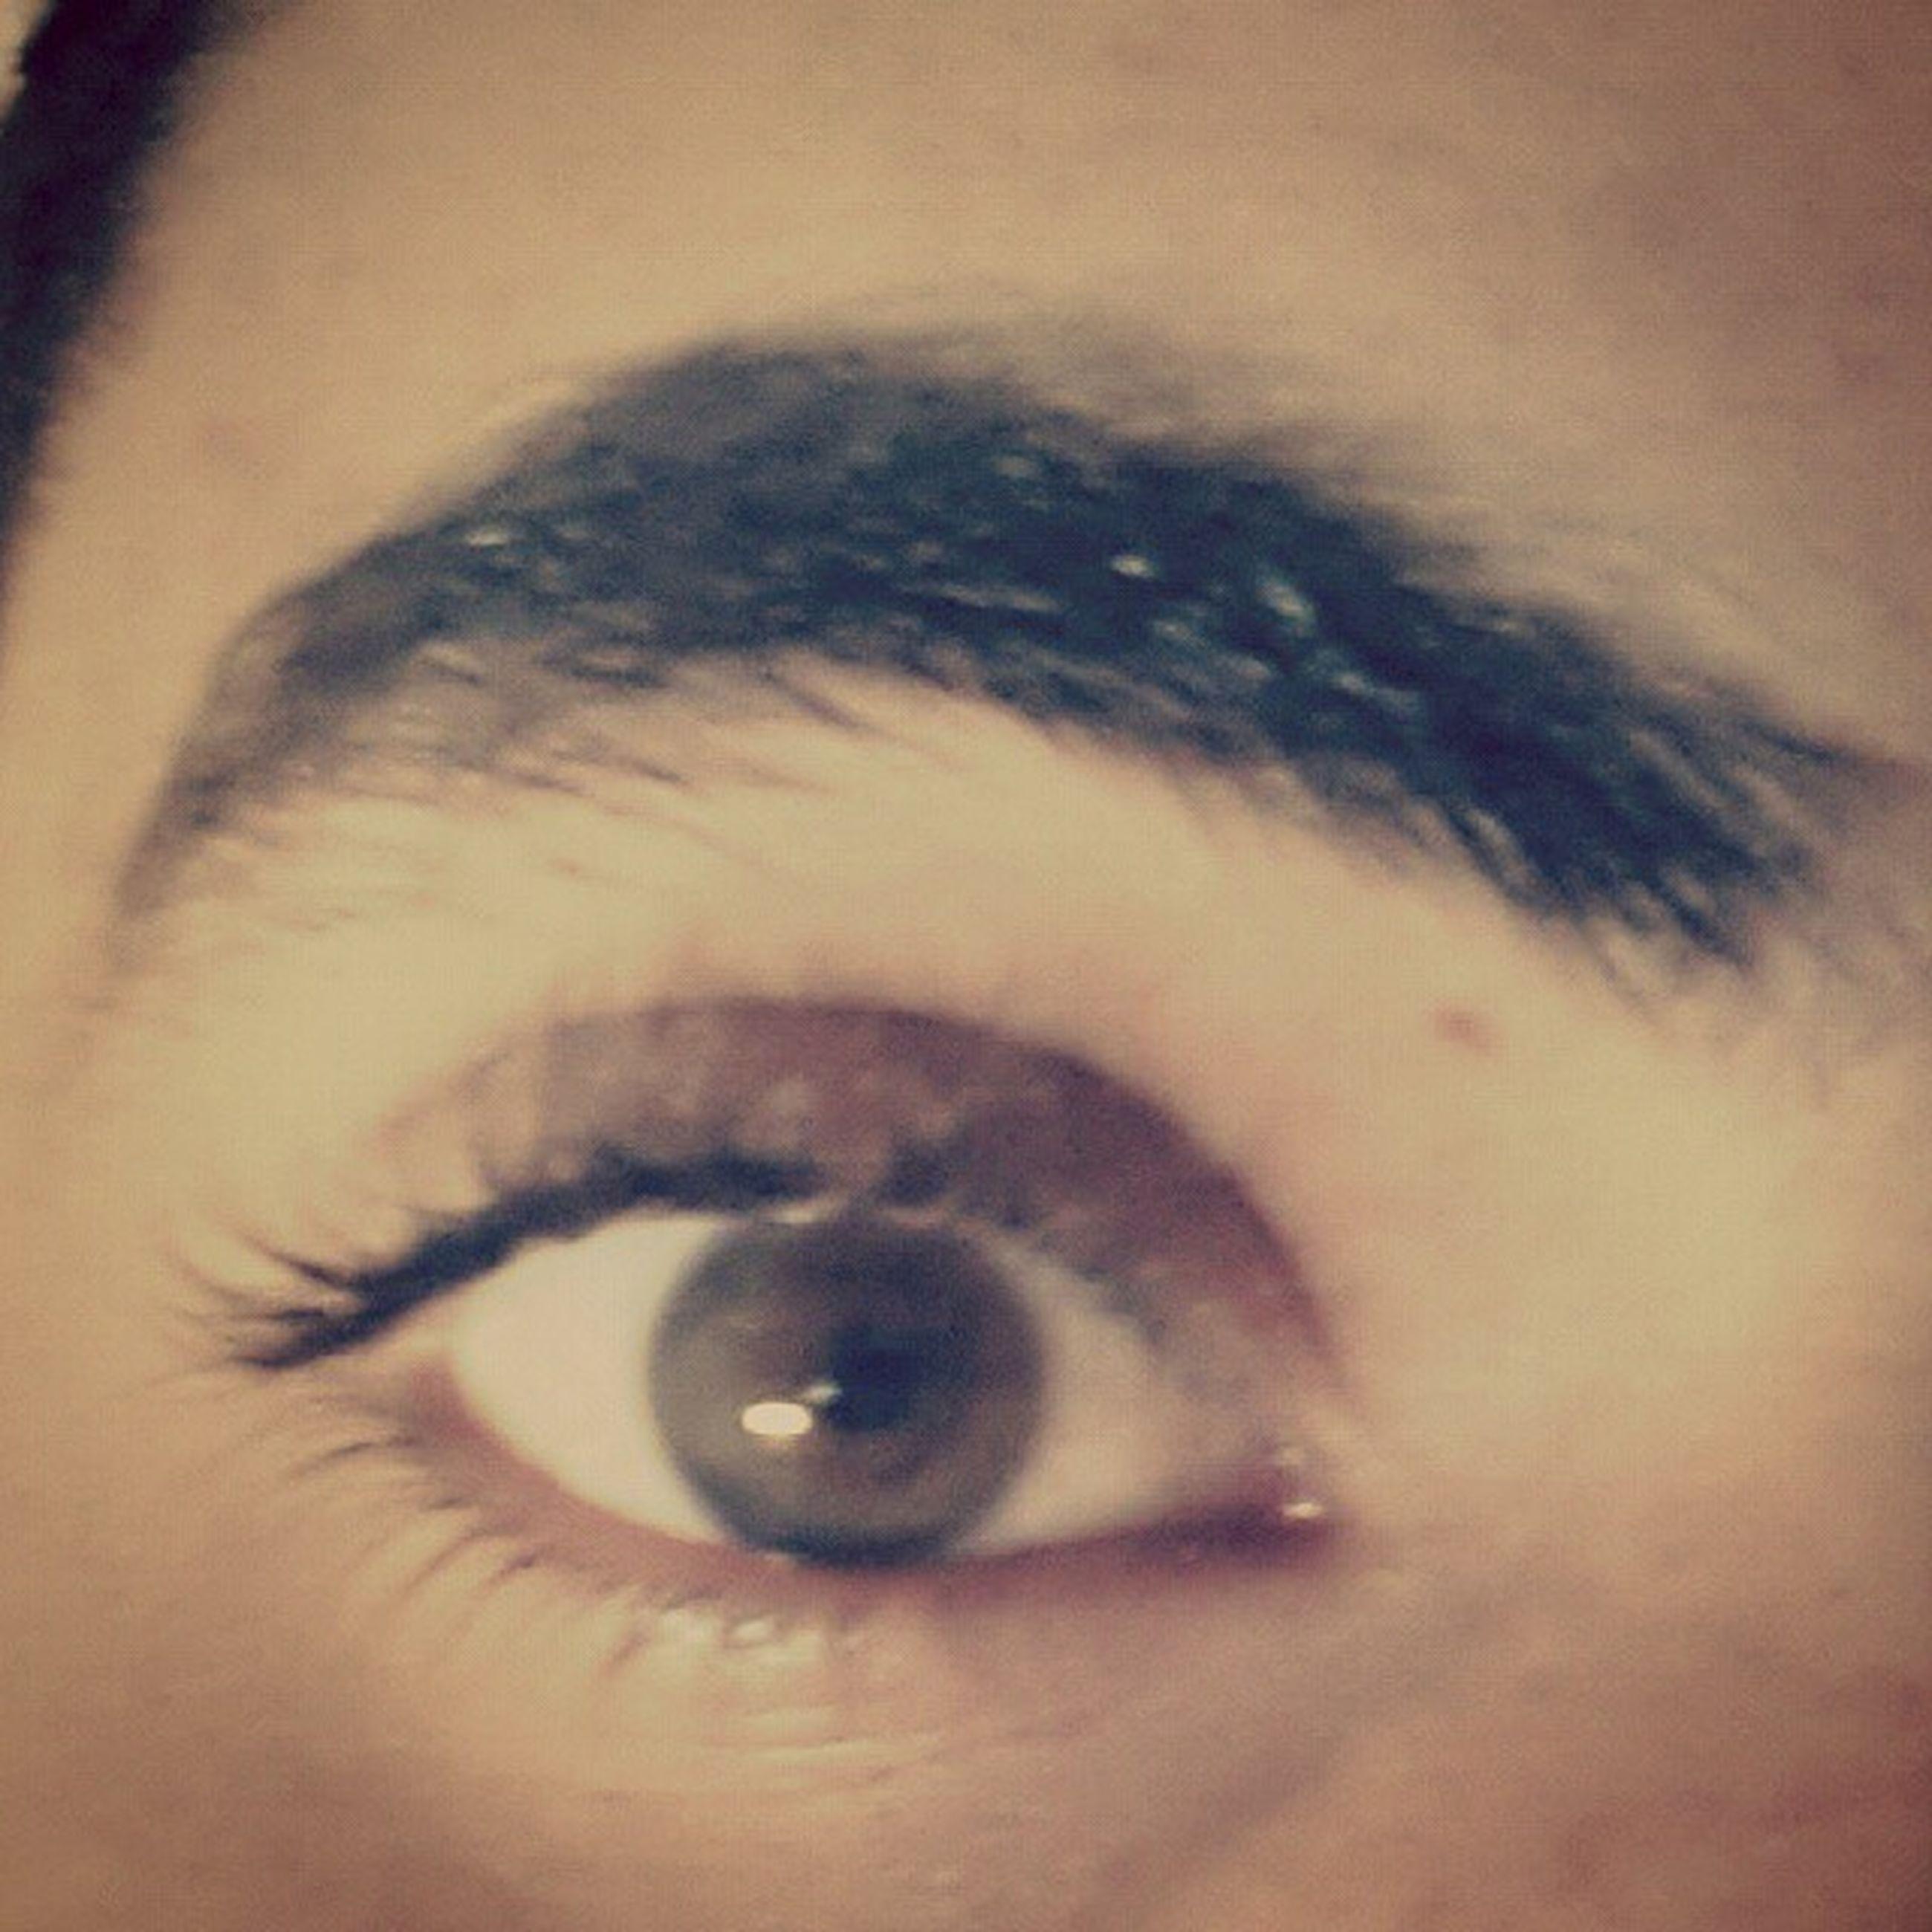 human eye, close-up, indoors, part of, eyelash, eyesight, sensory perception, unrecognizable person, human skin, extreme close-up, cropped, iris - eye, lifestyles, person, extreme close up, eyeball, reflection